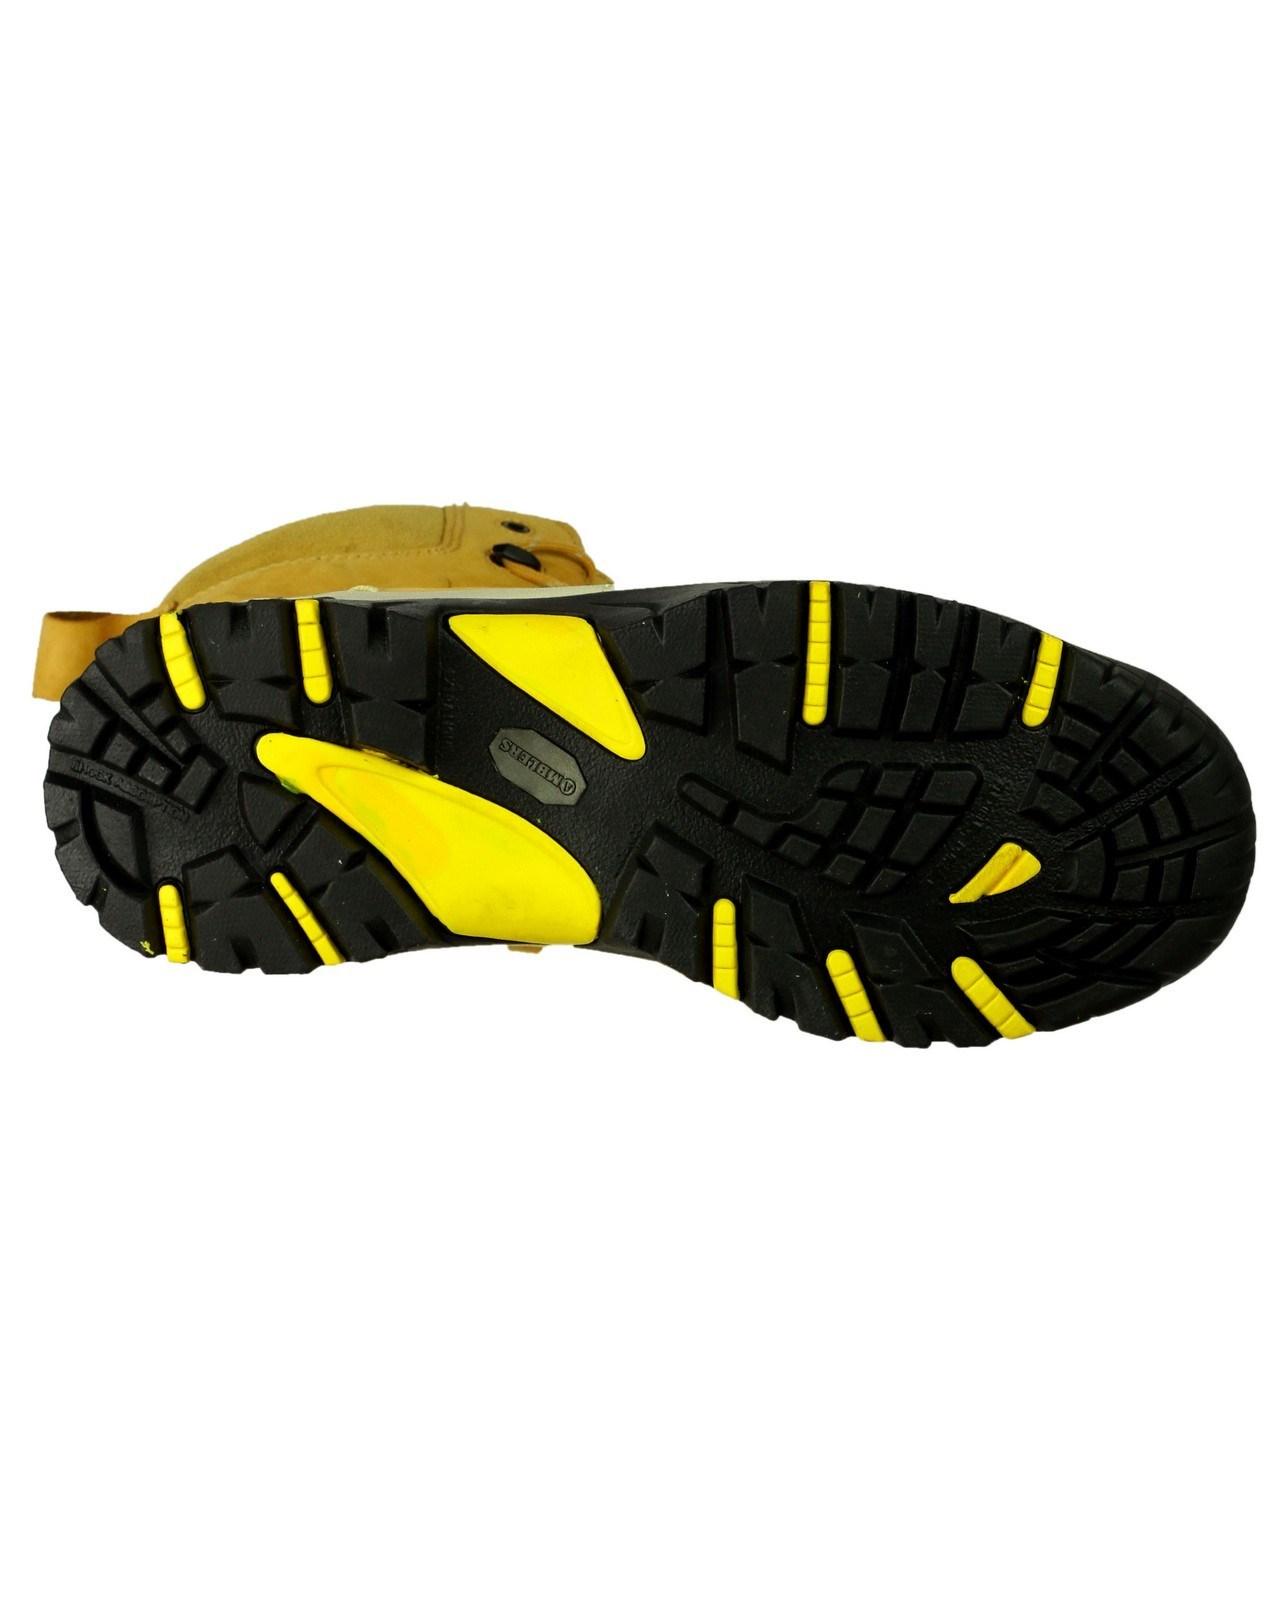 Amblers-Safety-Herren-FS998-Leder-Sicherheitsschuhe-Wasserdicht-Stiefel-Boots